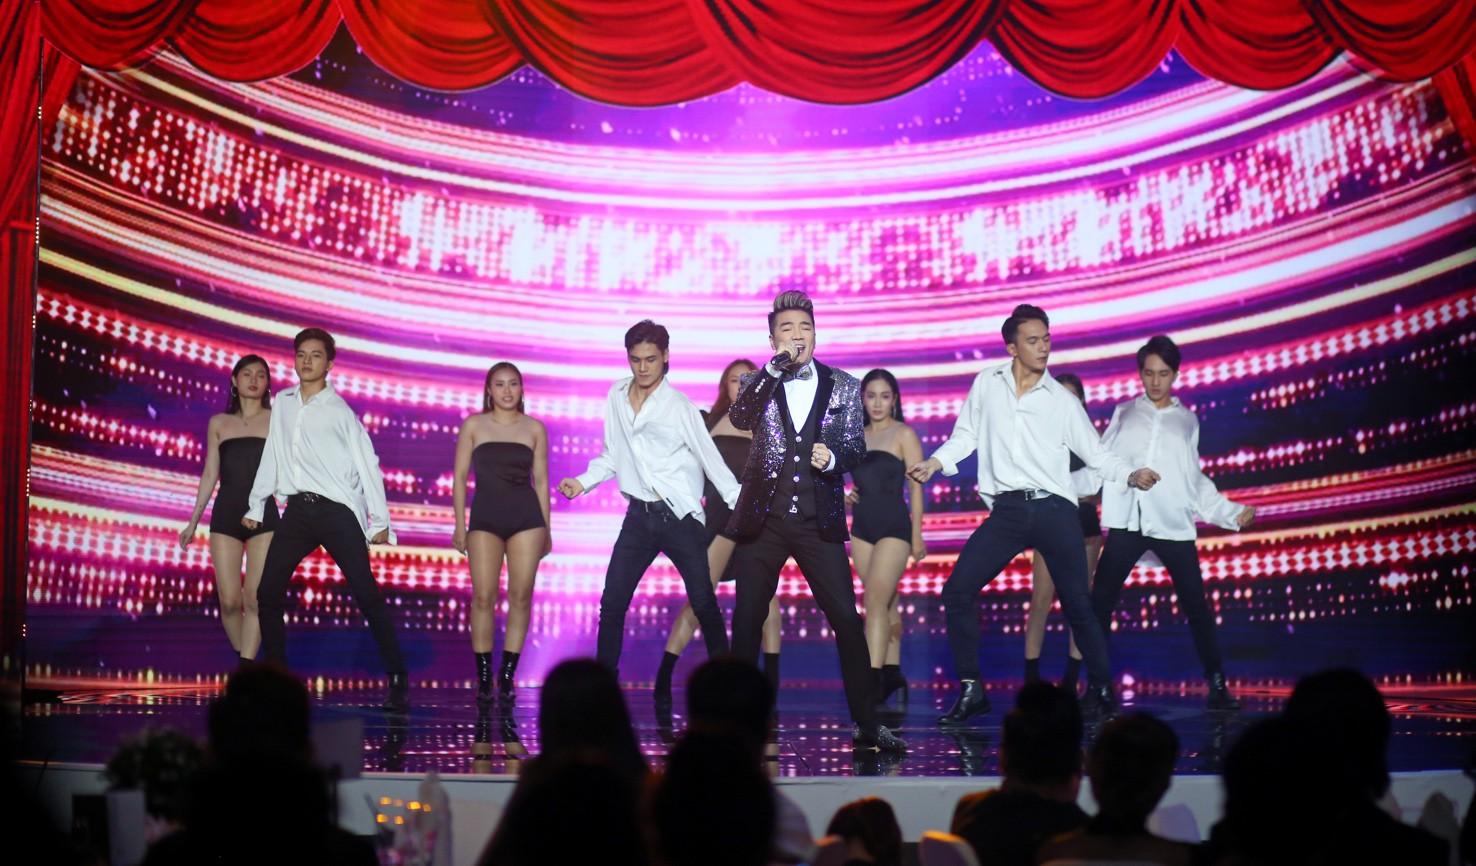 Đàm Vĩnh Hưng cùng Minh Tuyết tái hiện loạt hit trong đêm tiệc của Việt Hương - Ảnh 3.